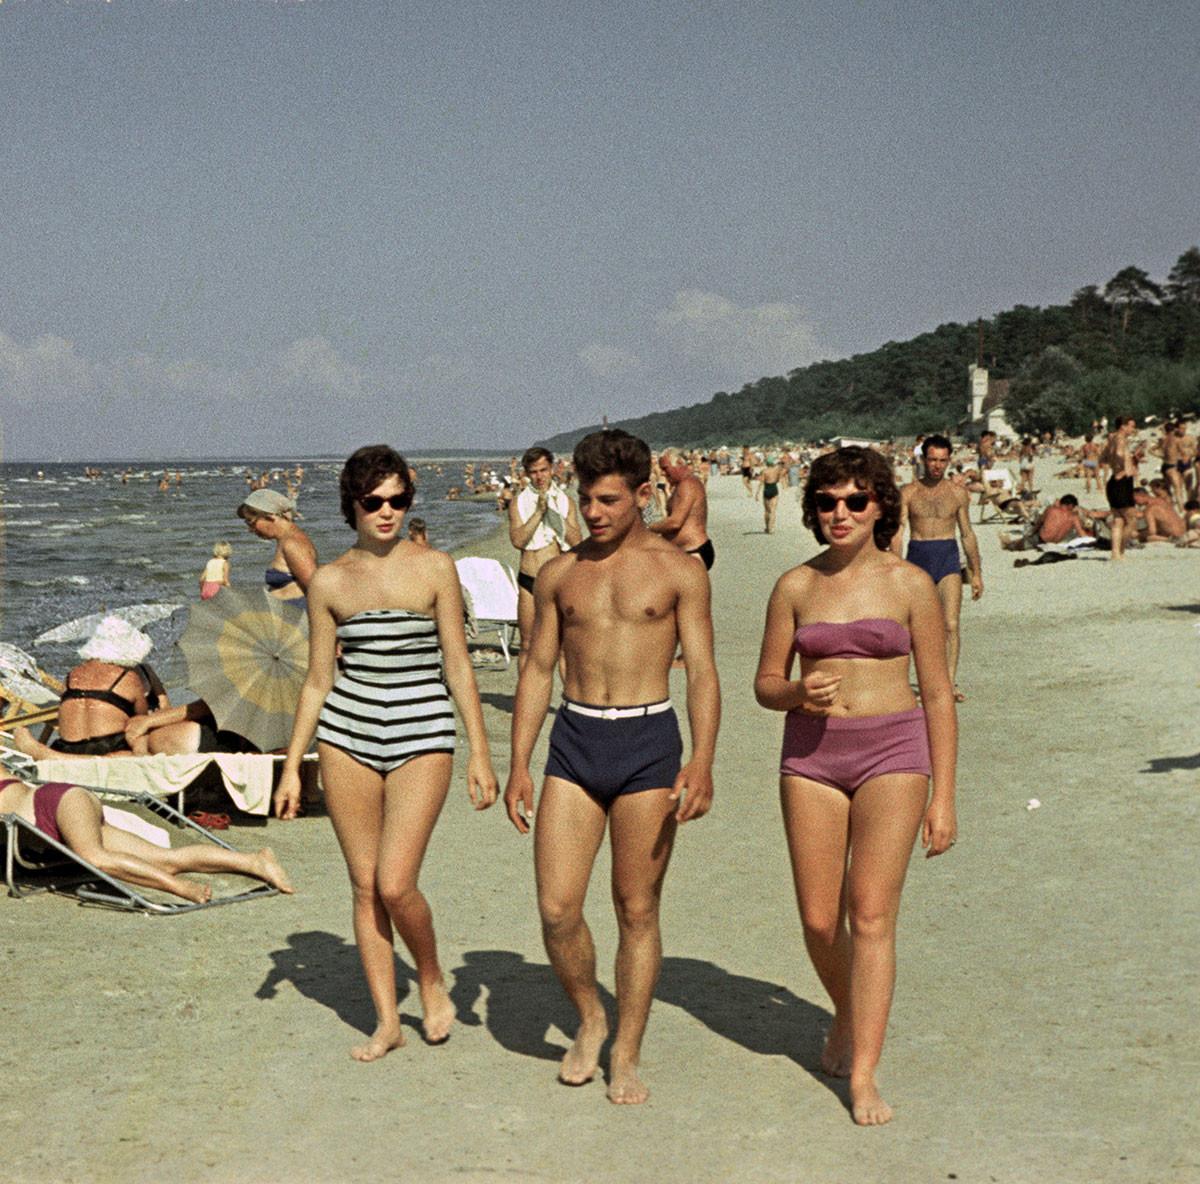 Летонска ССР. Одмор на рижском приморју, 1960.